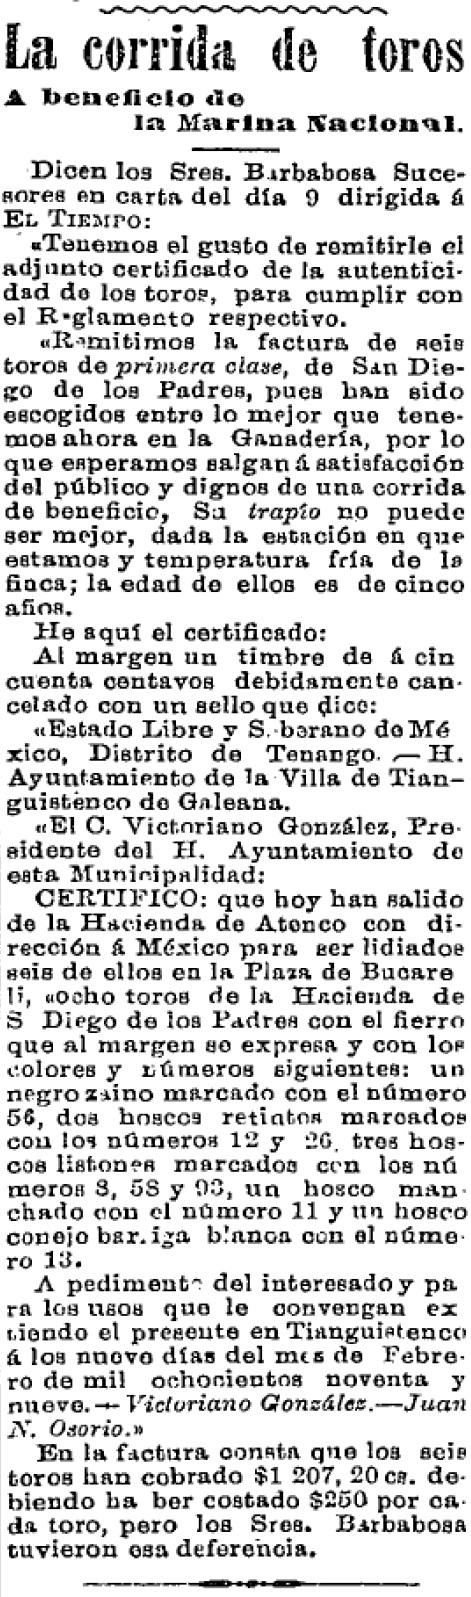 EL POPULAR_12.02.1899_p. 3